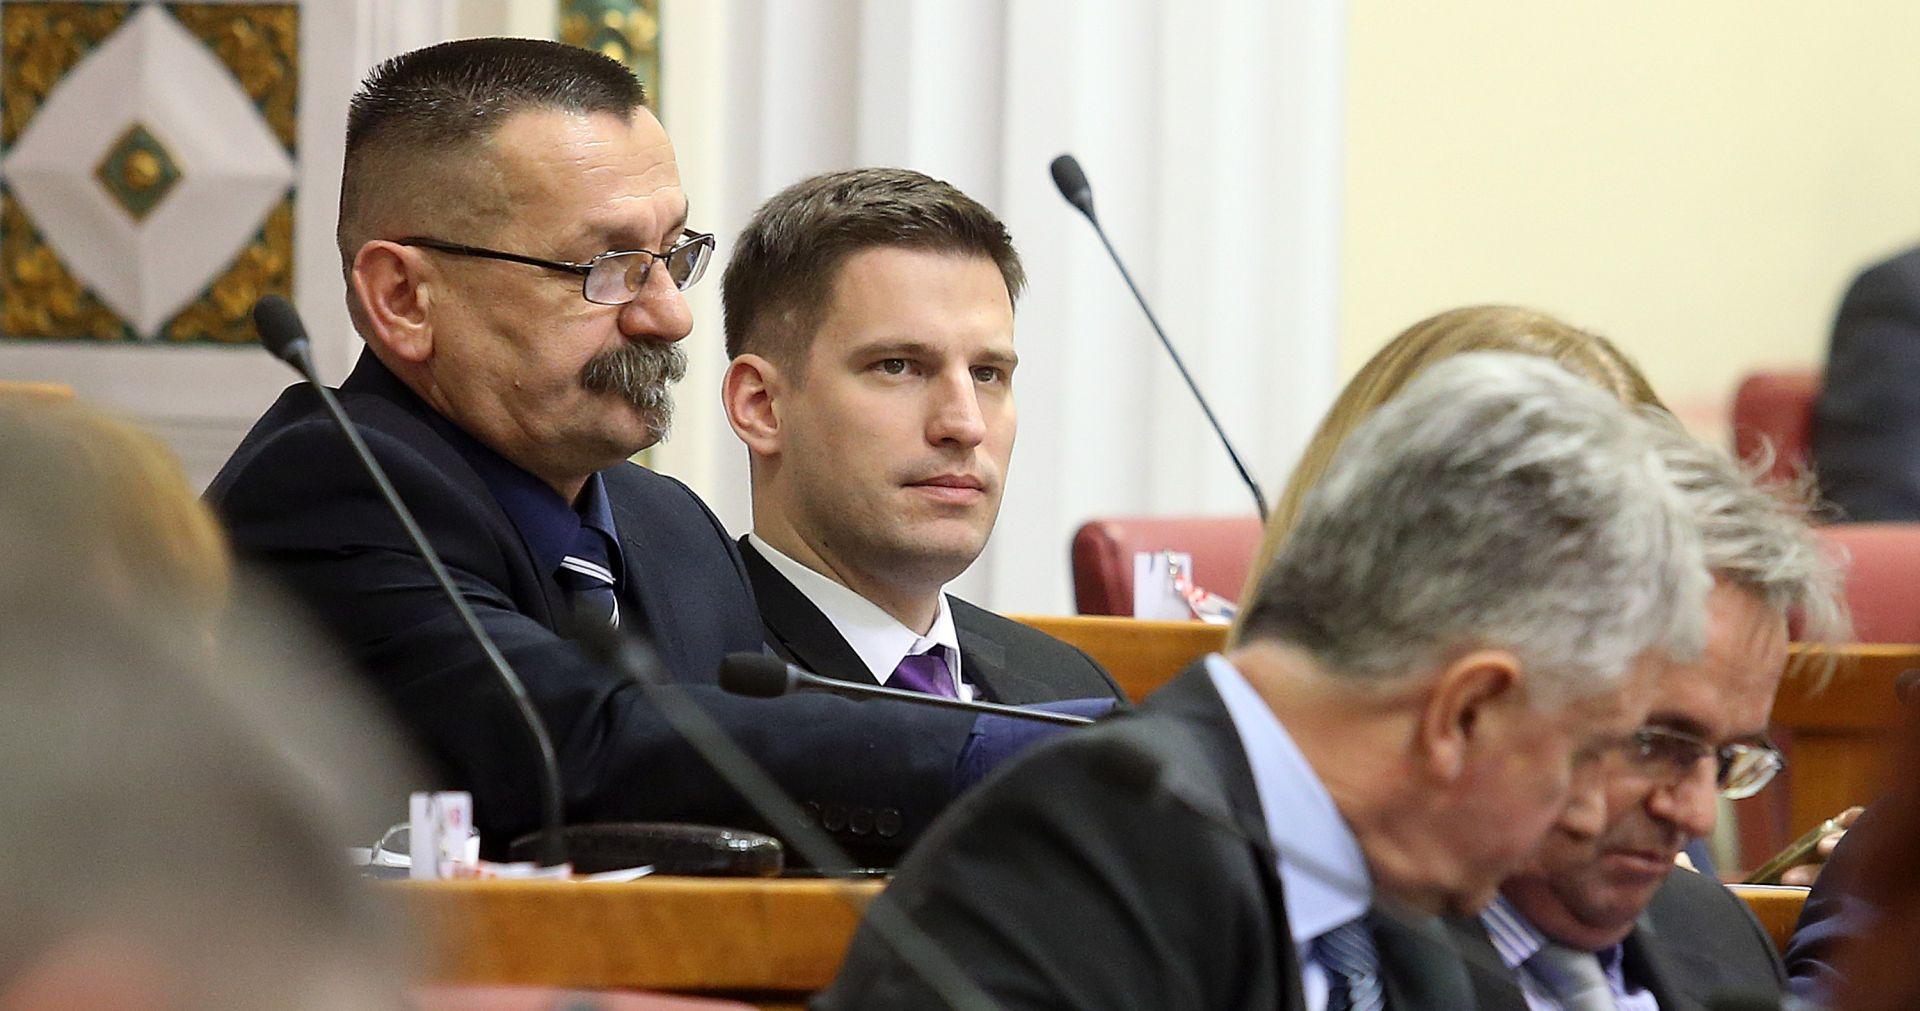 PERO ĆORIĆ Kadrovska križaljka trebala bi biti gotova do sutra, Mladen Klarić mogao bi biti kandidat za ministra branitelja